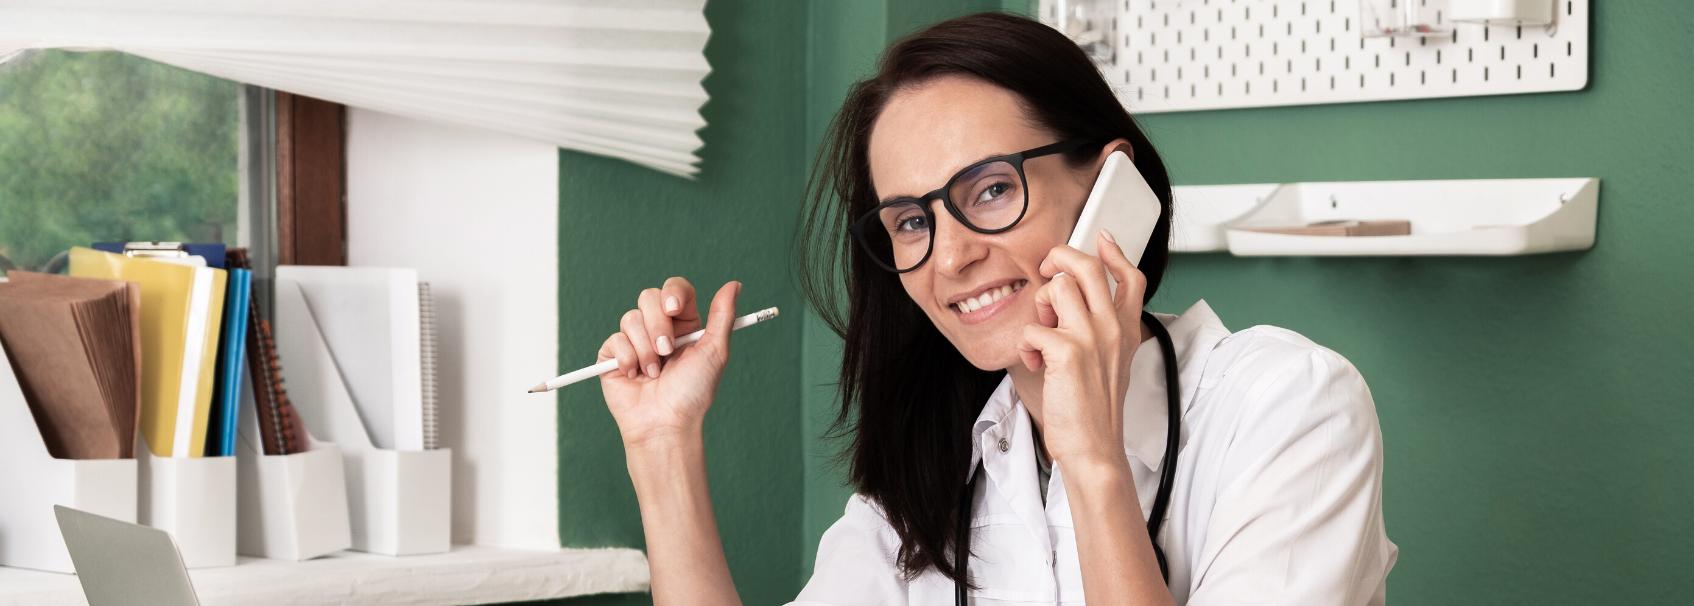 cómo elegir el mejor software para tu consulta médica